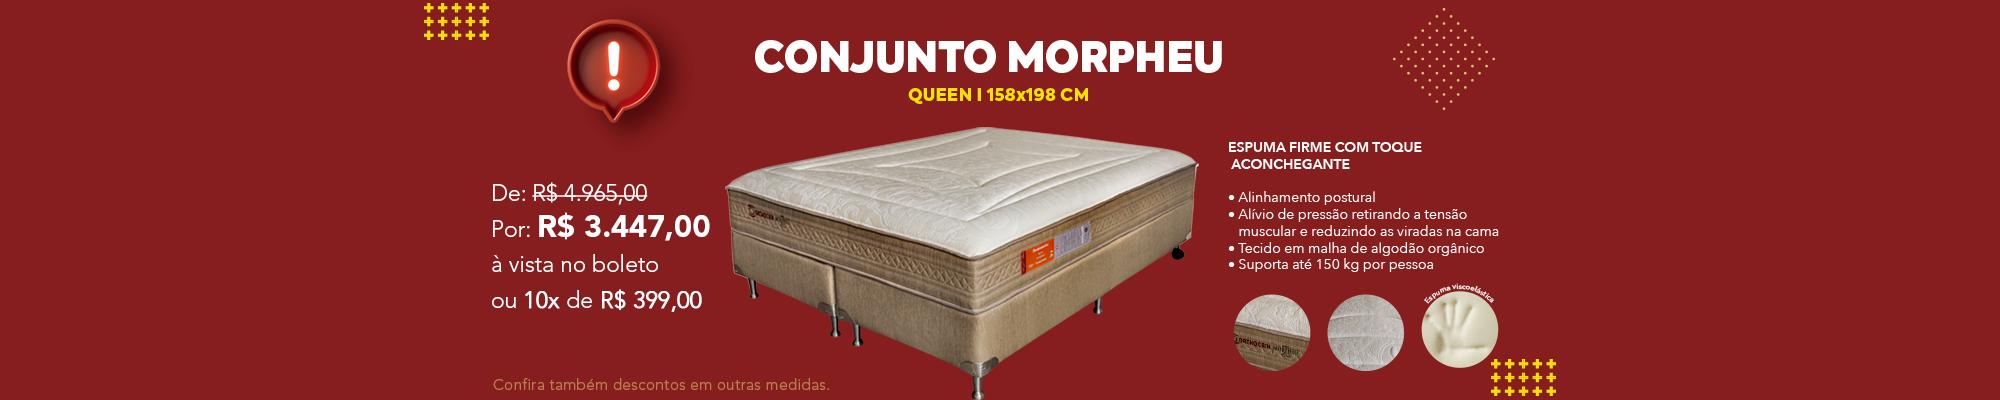 Bônus Morpheu